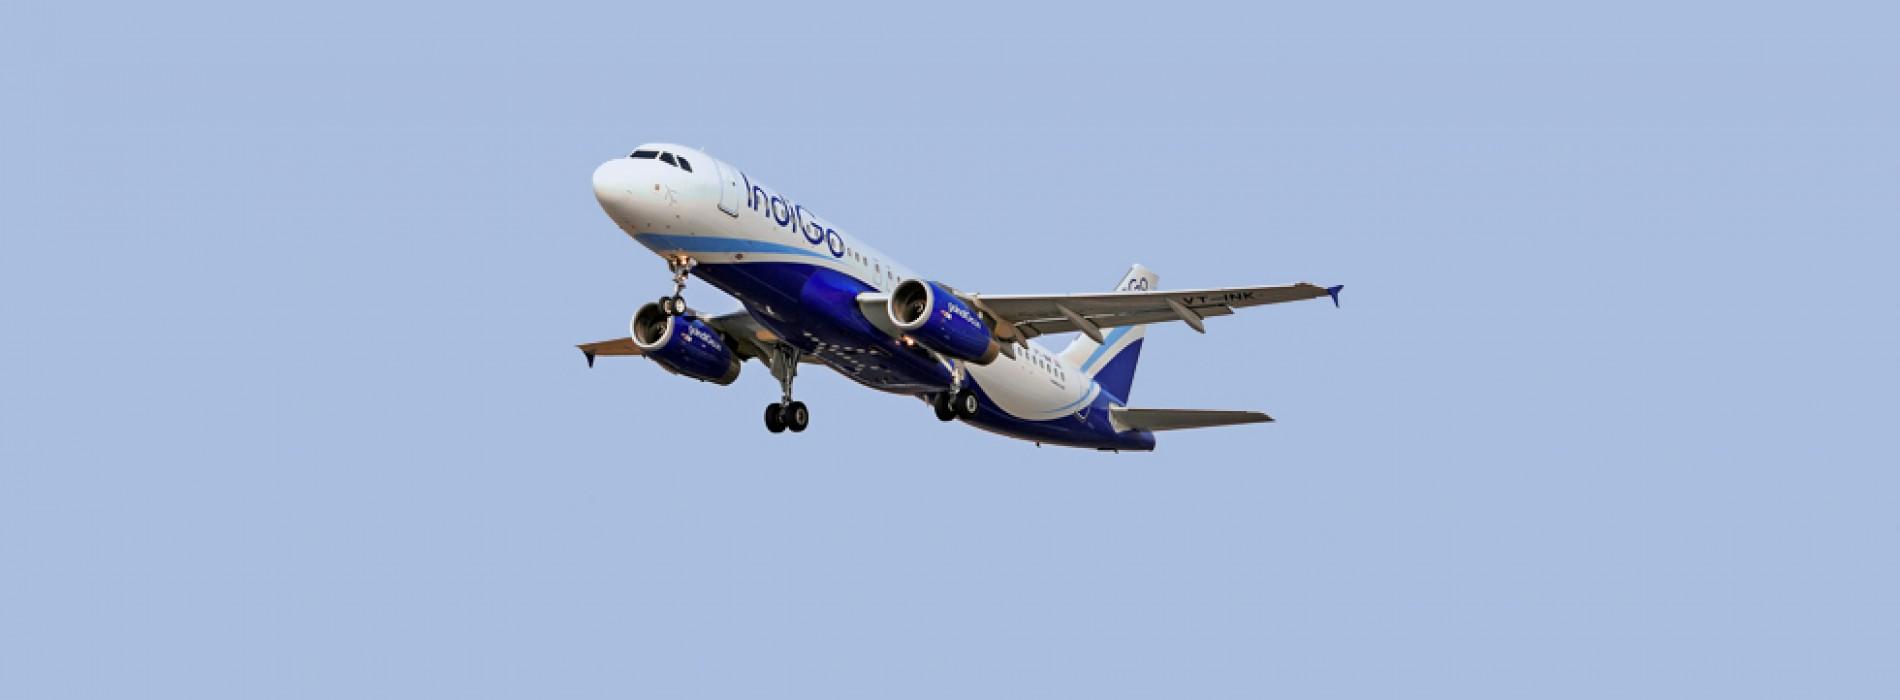 IndiGo forays into regional markets; adds ATR to its fleet